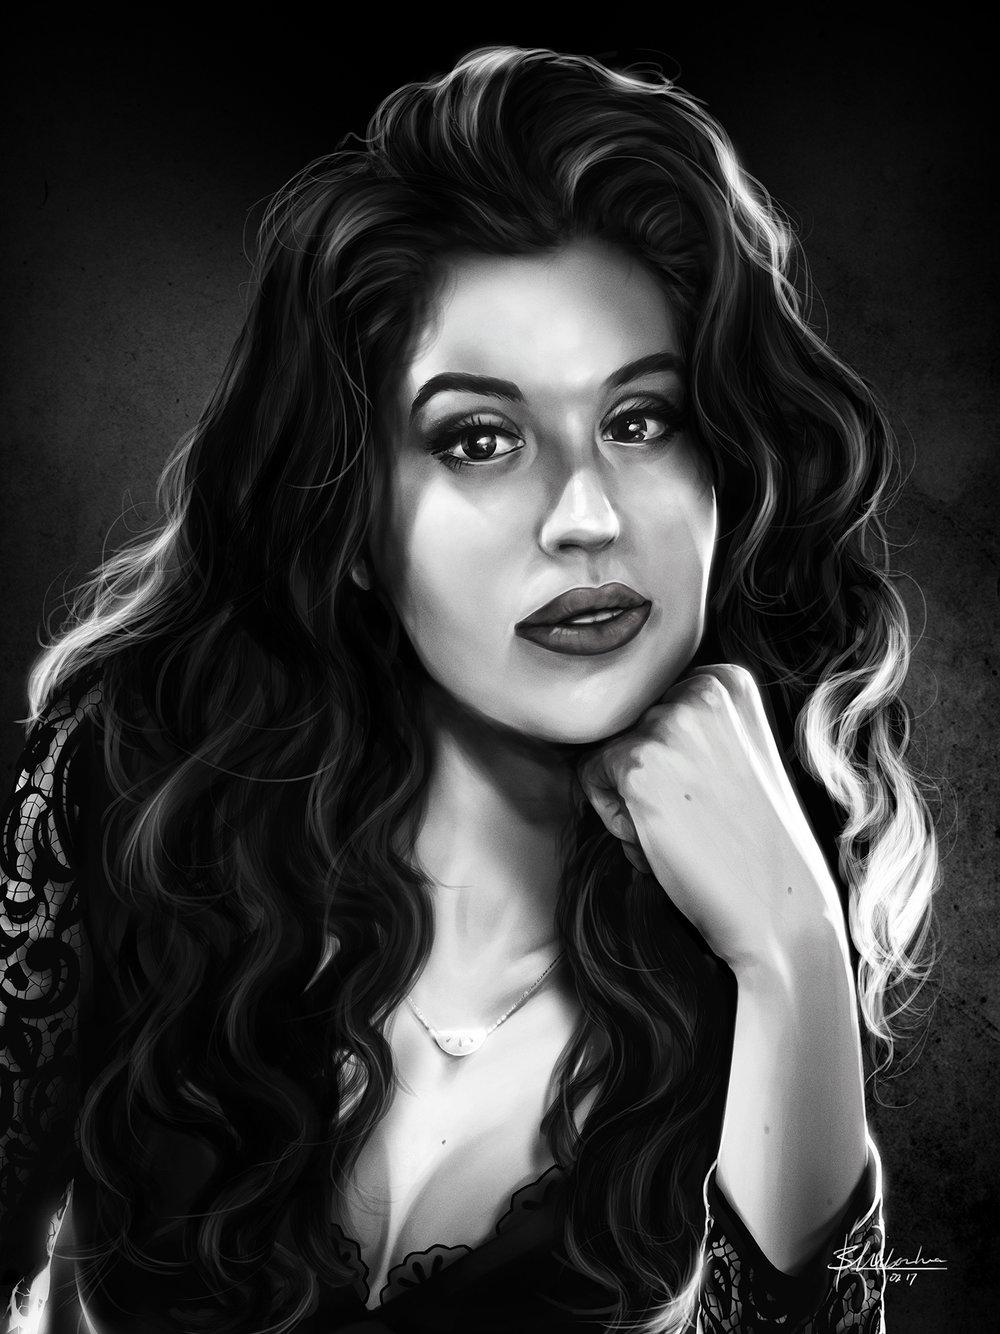 megan_portrait_painting_ben_wilsonham.jpg